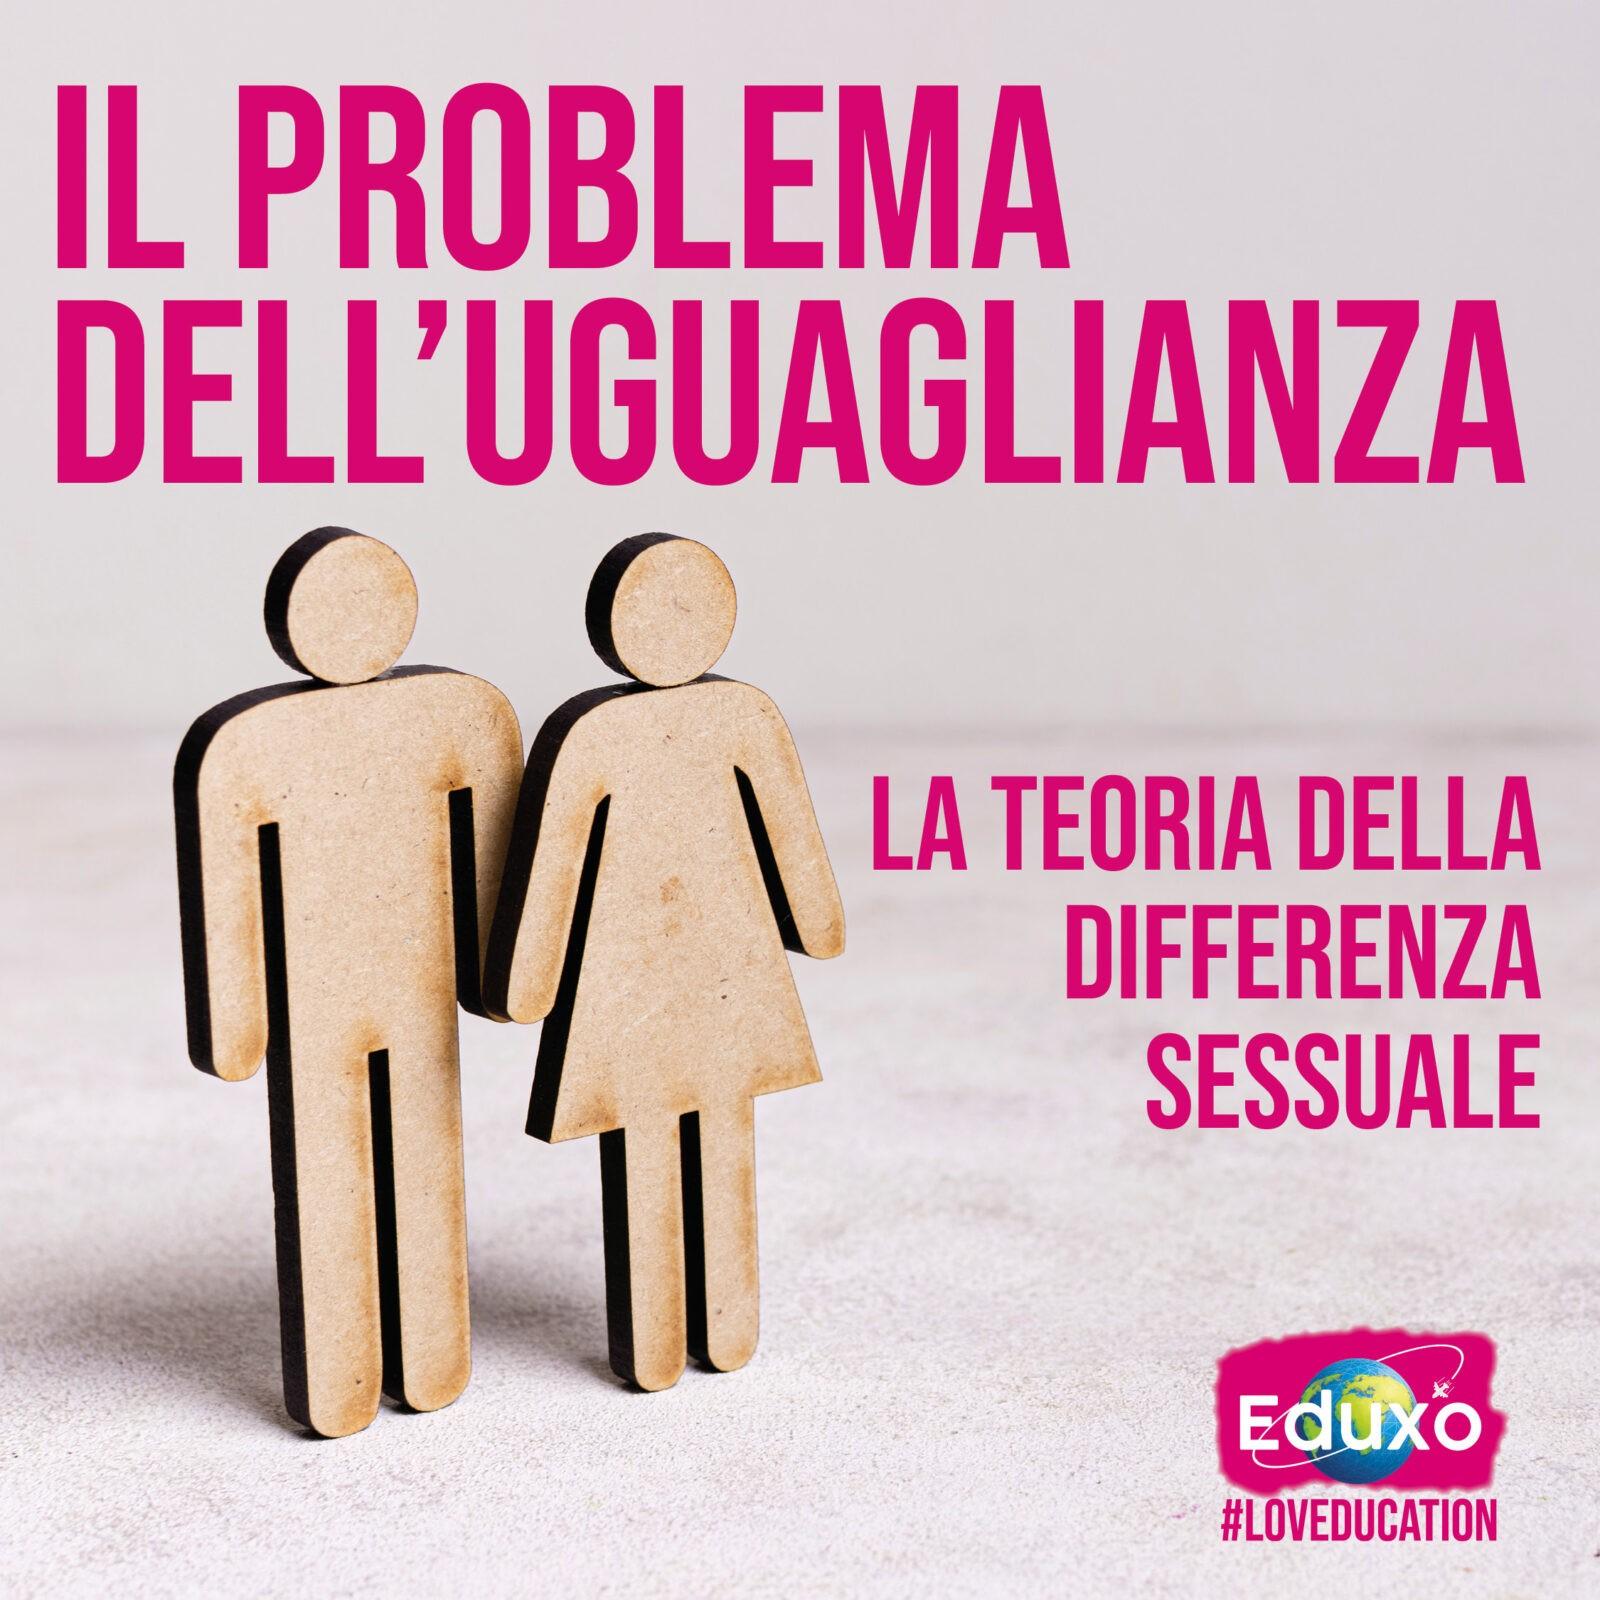 You are currently viewing Il problema dell'uguaglianza: la teoria della differenza sessuale